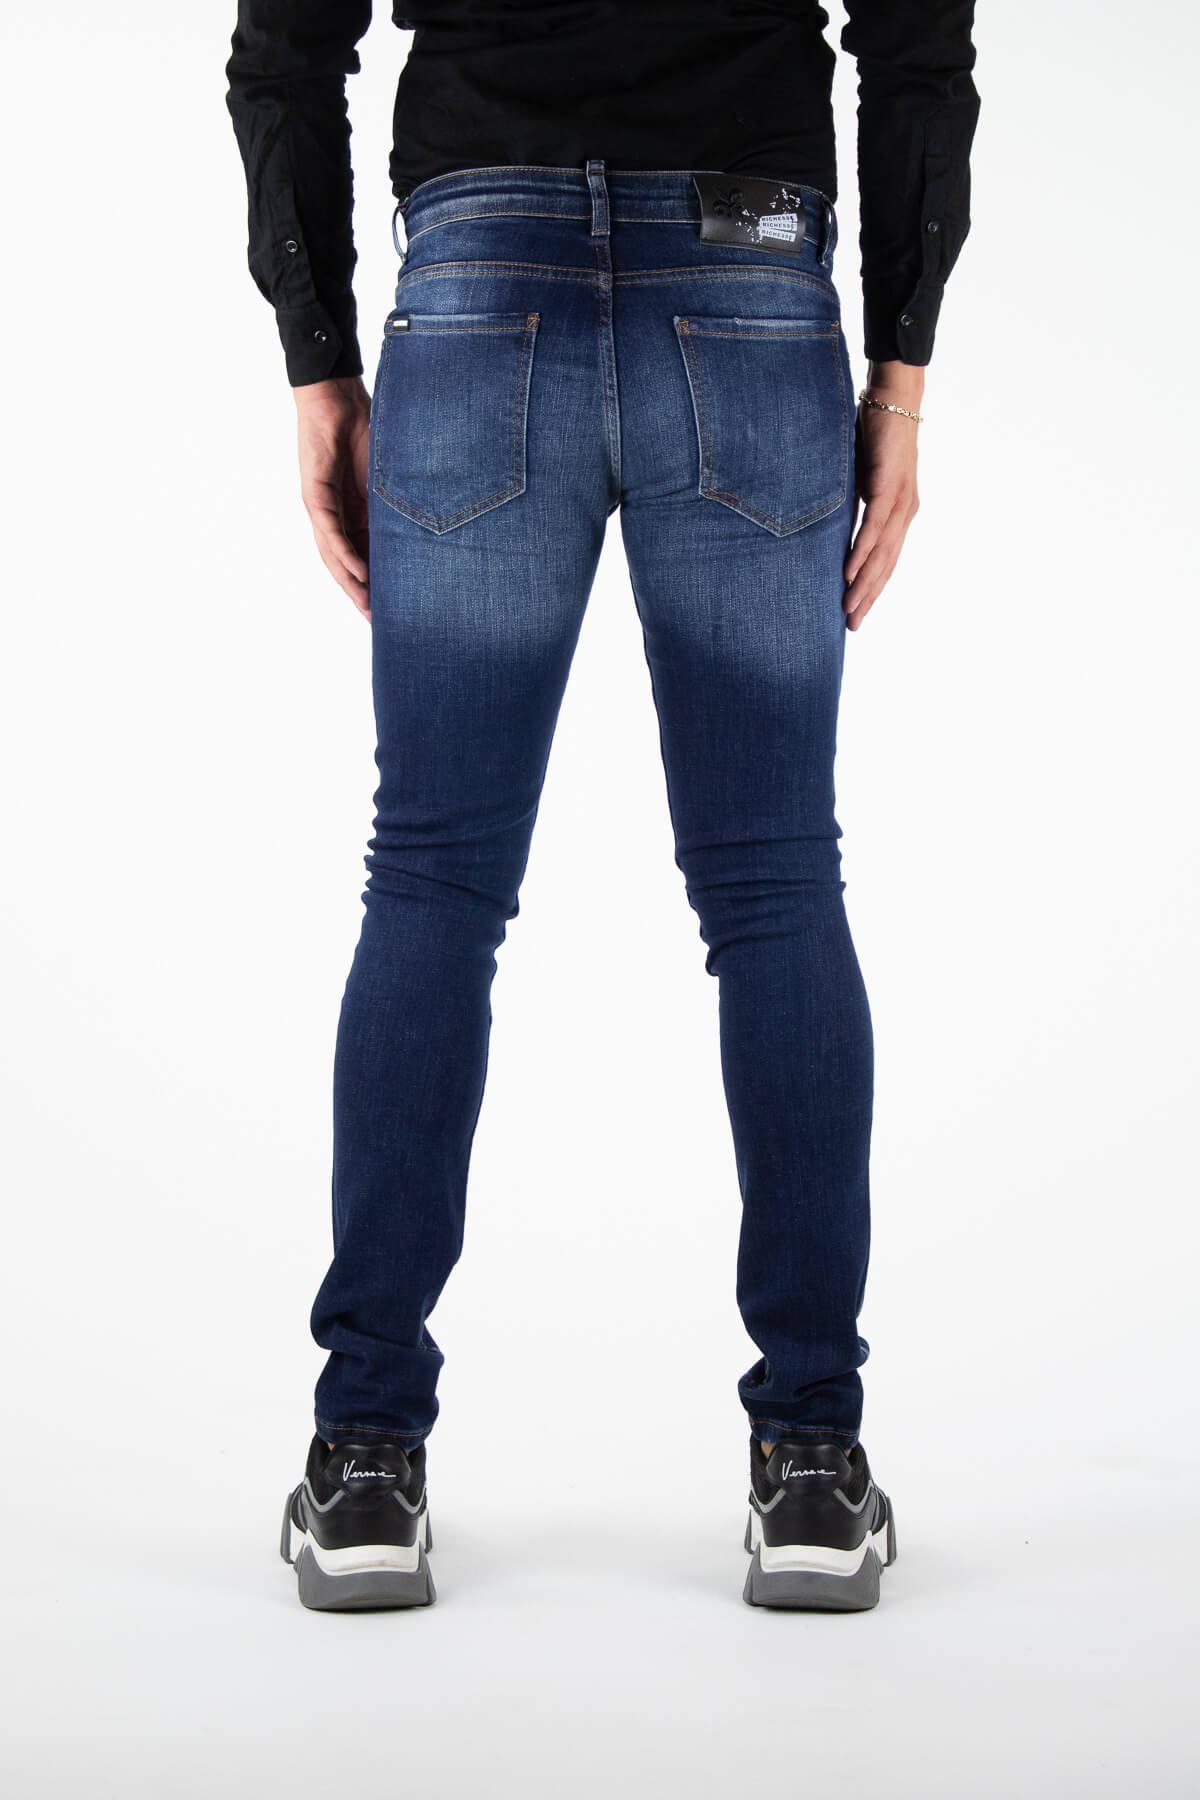 Sorrento Blue Jeans-4